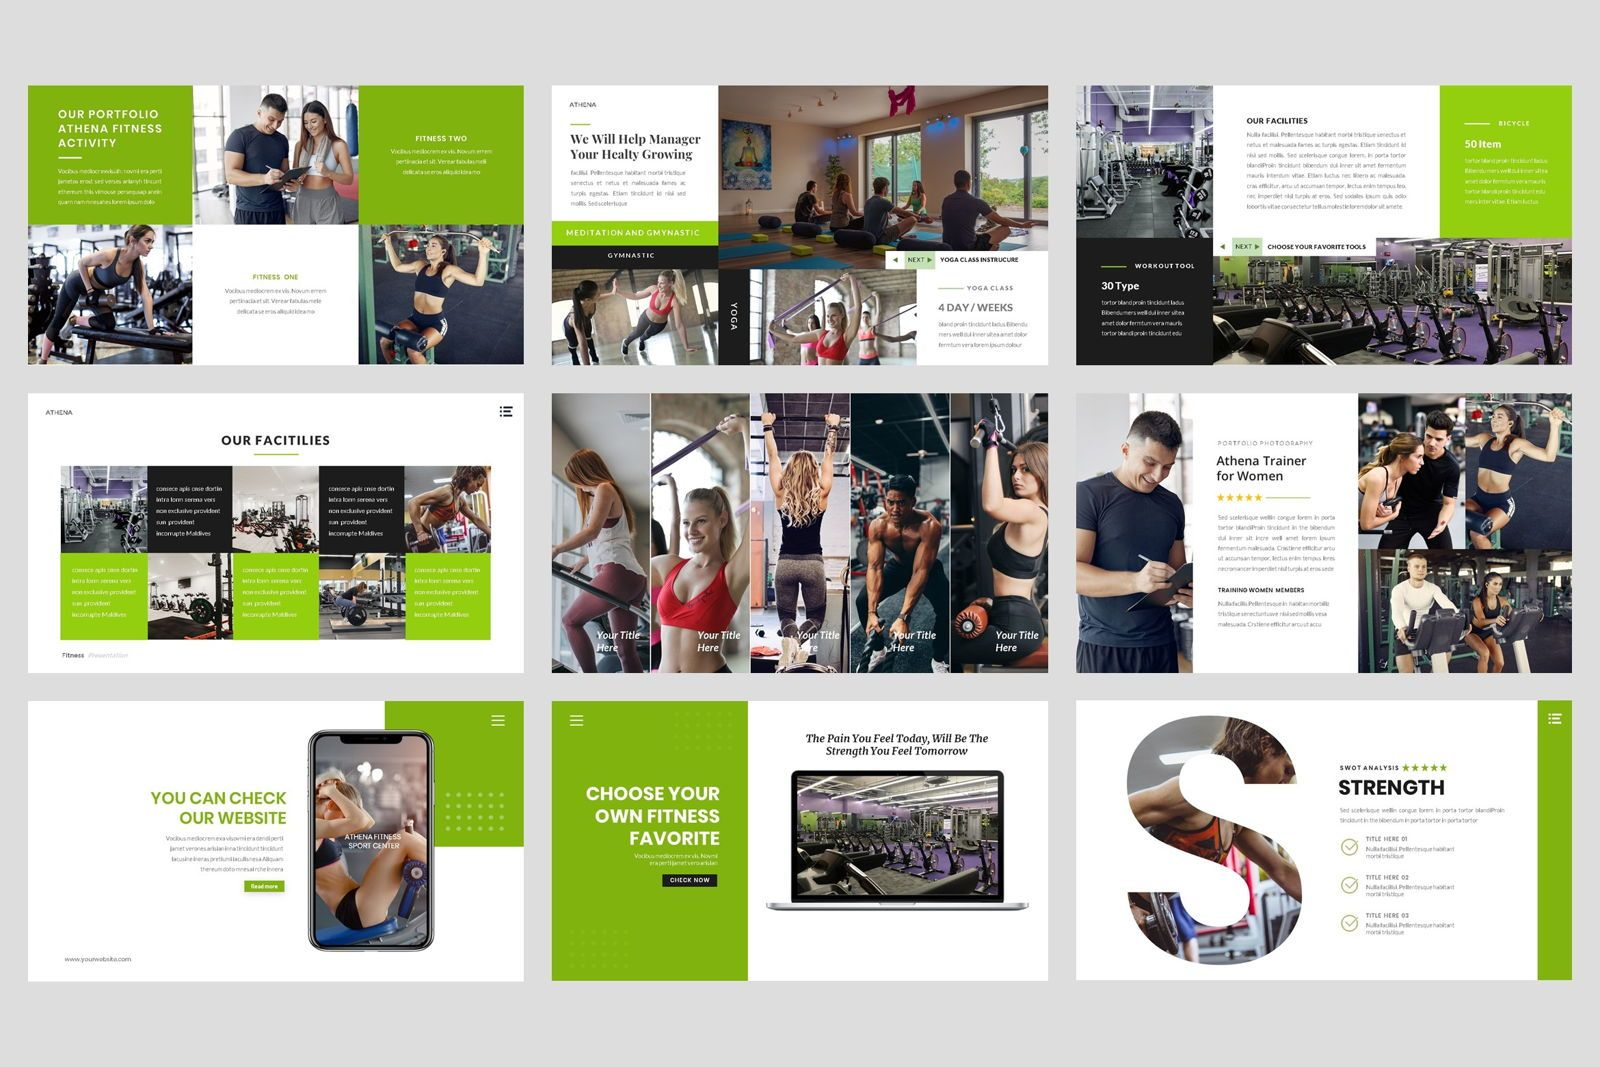 Sport - Fitness Business Workout PowerPoint Template, Slide 4, 08607, Presentation Templates — PoweredTemplate.com